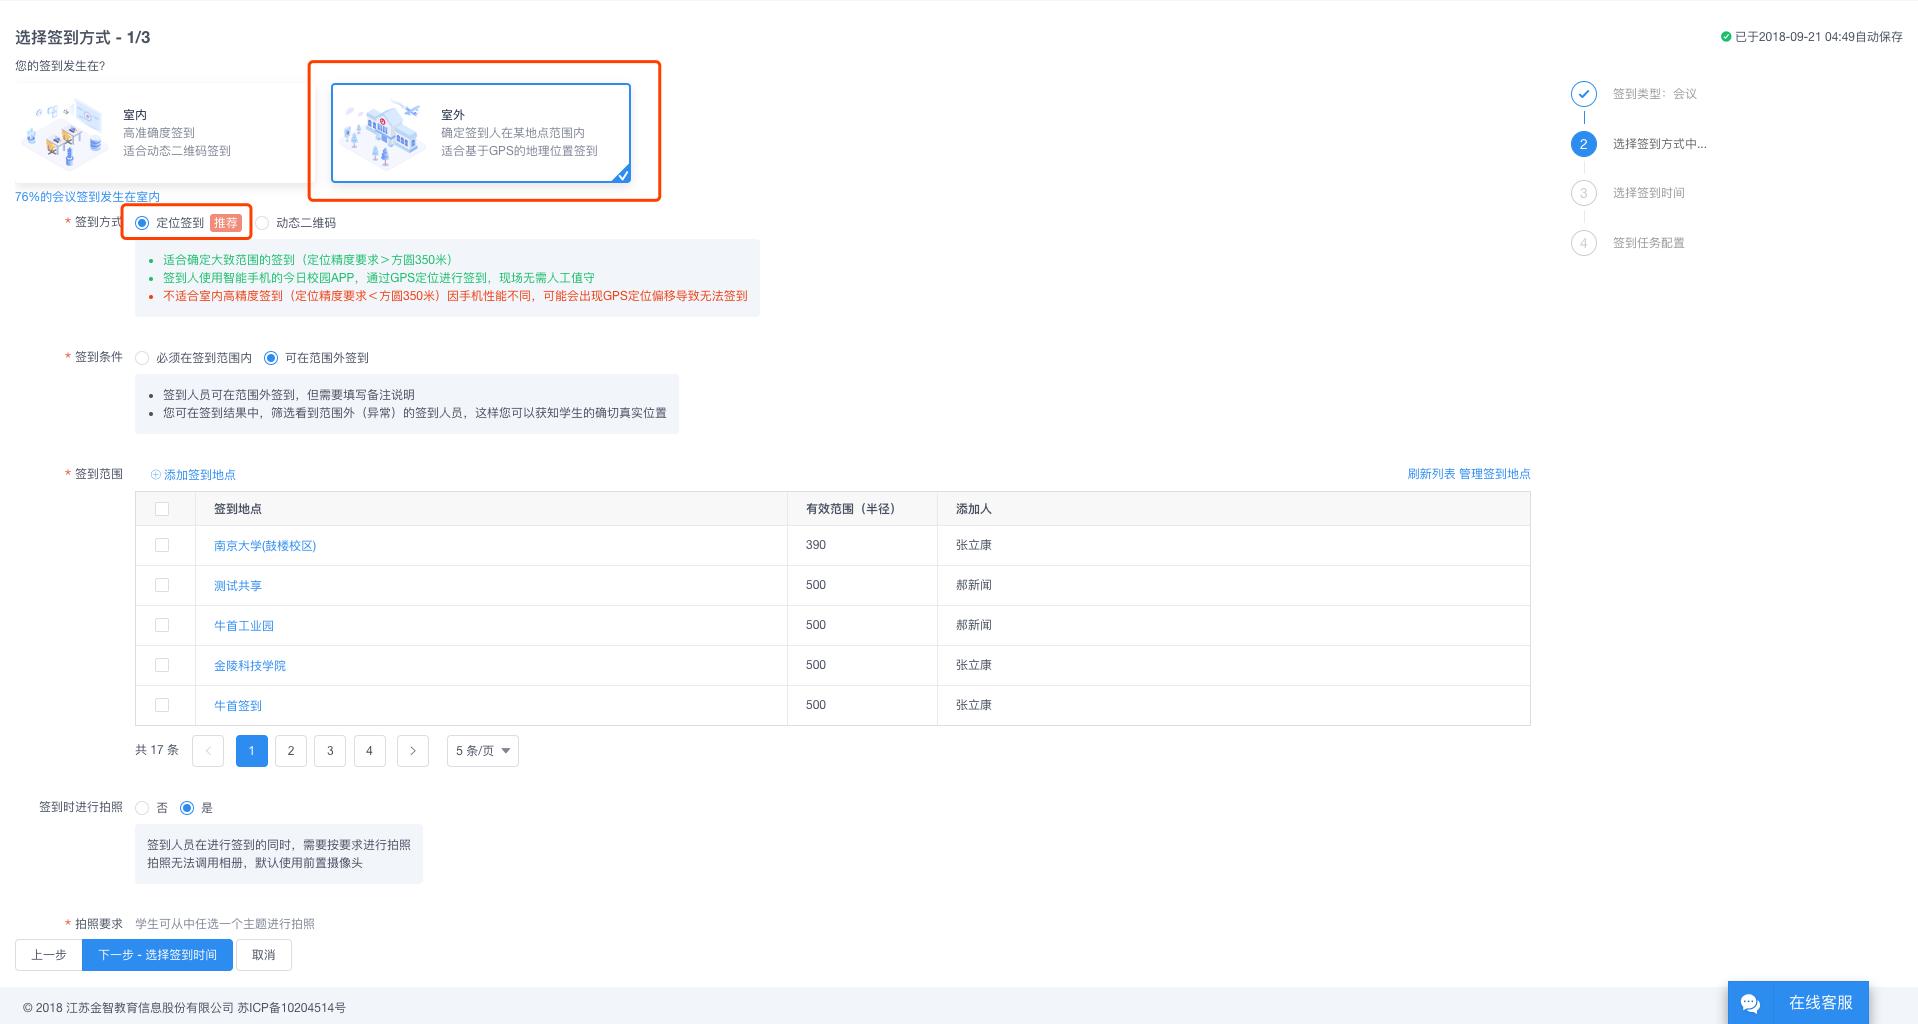 2018年9月21日 – 辅导猫V1.1.0更新 辅导猫 第4张